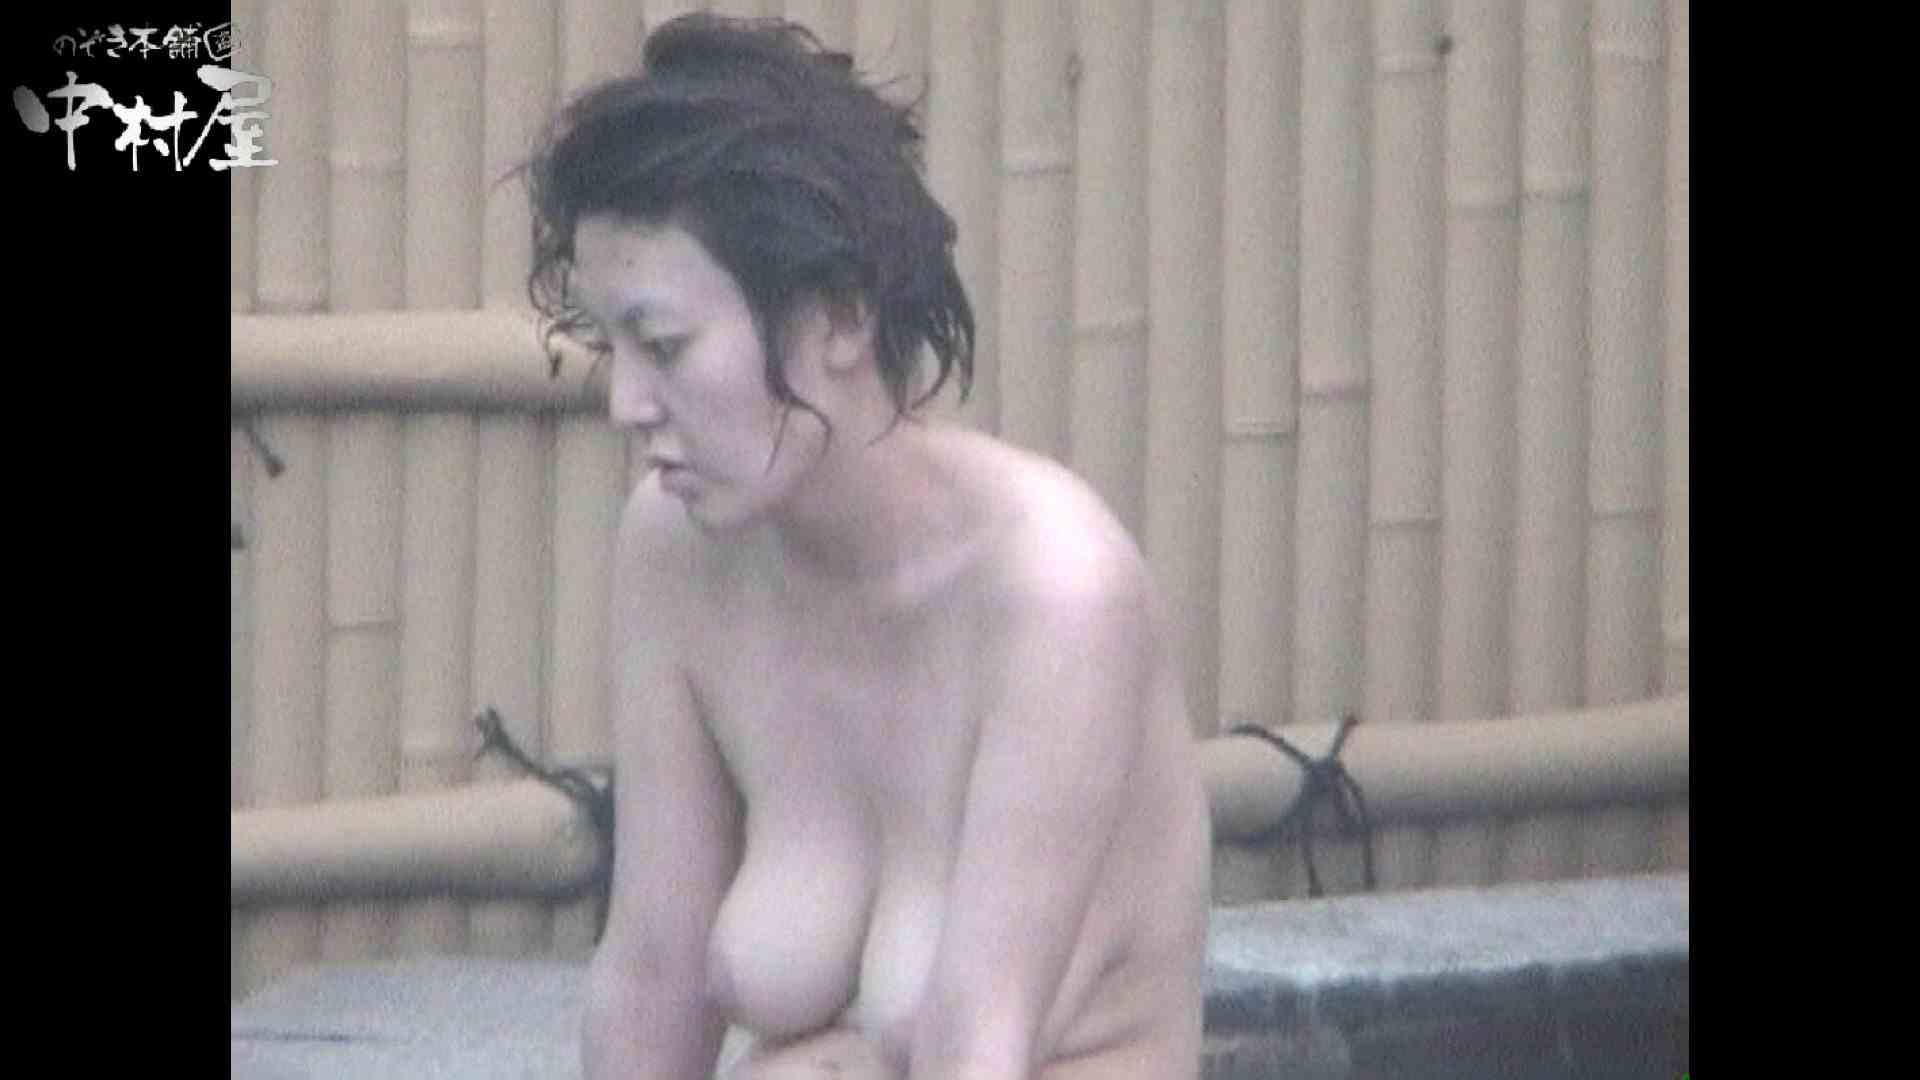 Aquaな露天風呂Vol.959 女体盗撮  101連発 24